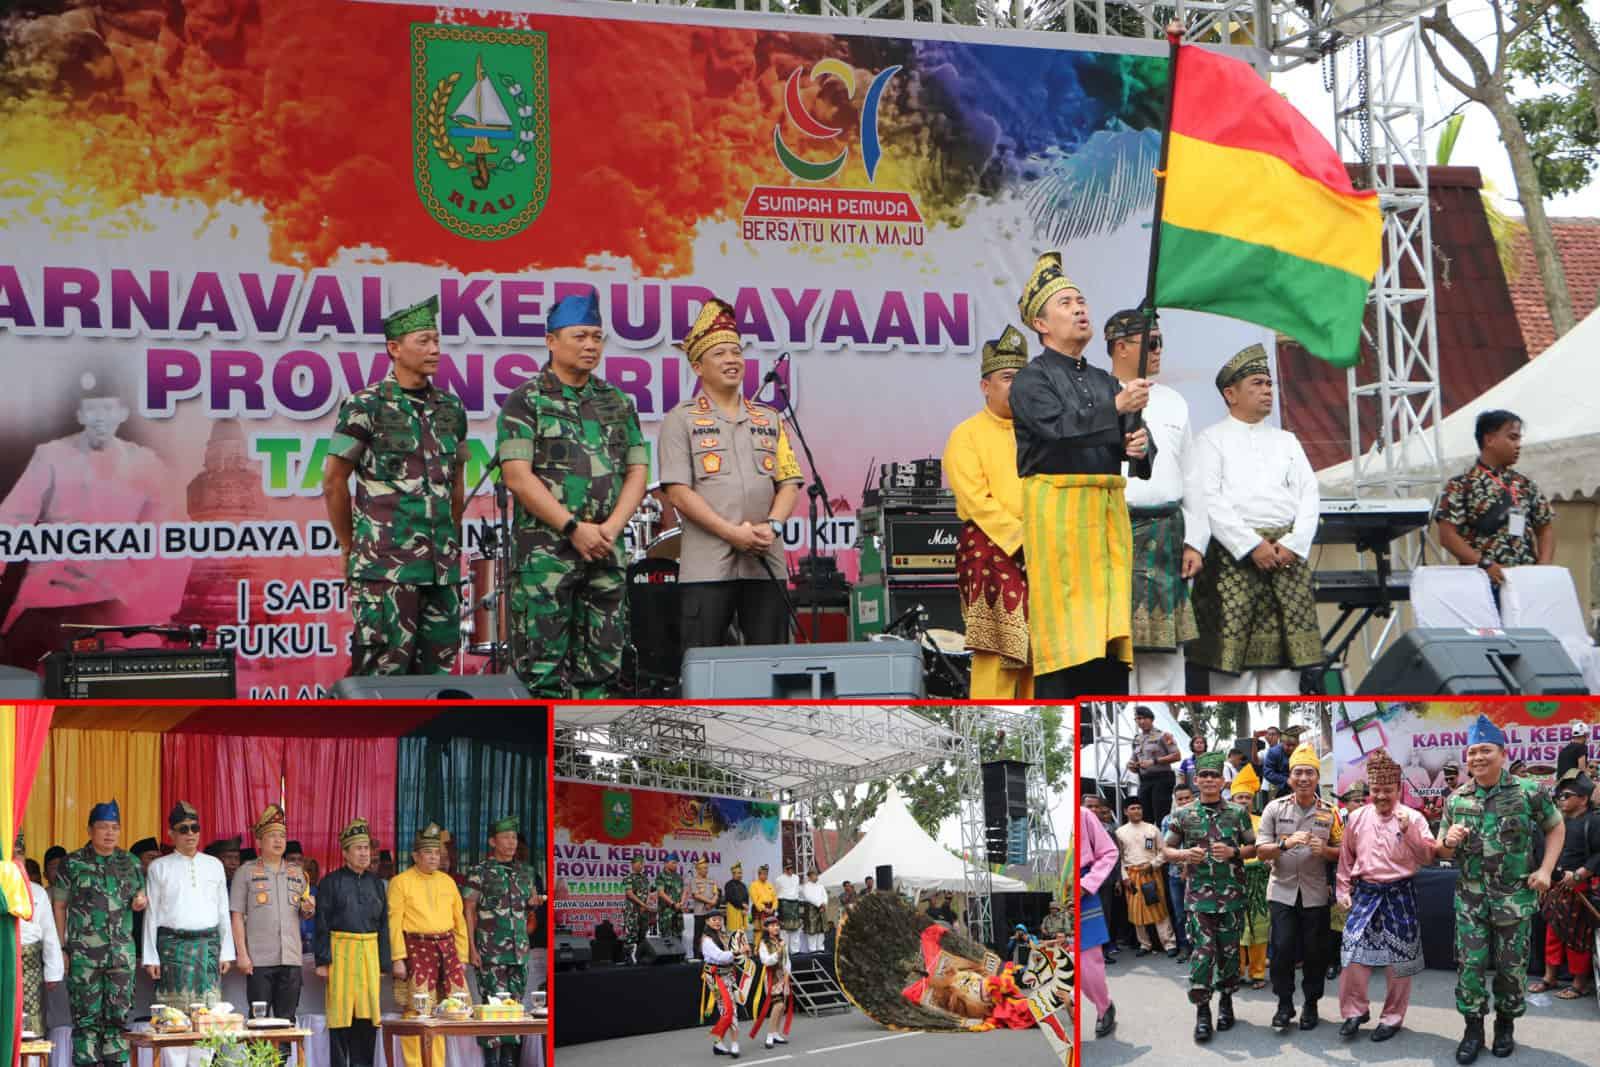 Danlanud Rsn Hadiri Karnaval Budaya Peringatan Sumpah Pemuda